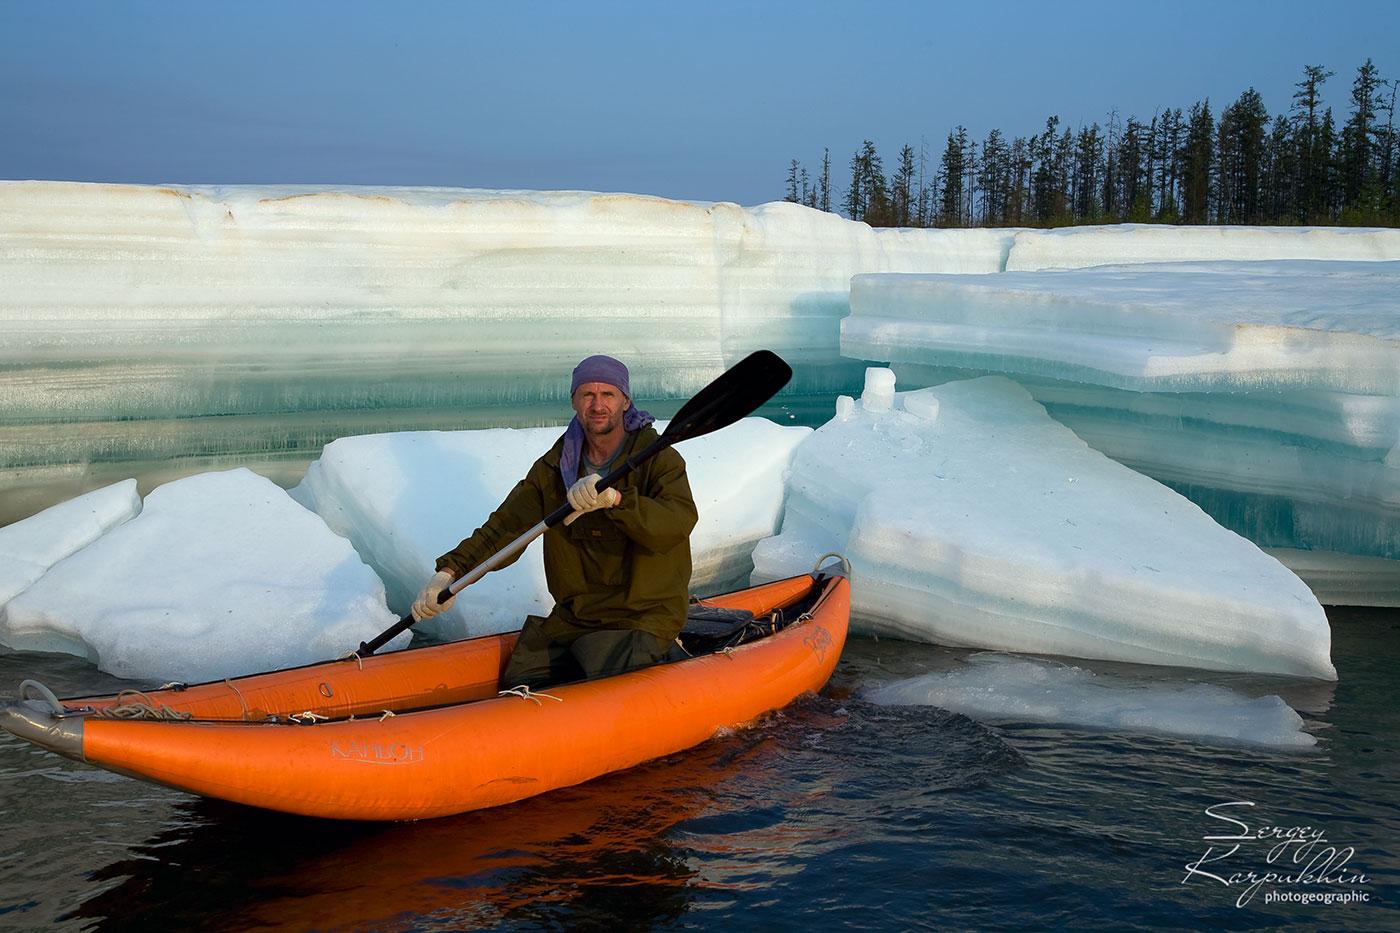 Ледяное лето  в Якутии. Крупнейшая речная наледь мира Улахан-Тарын.